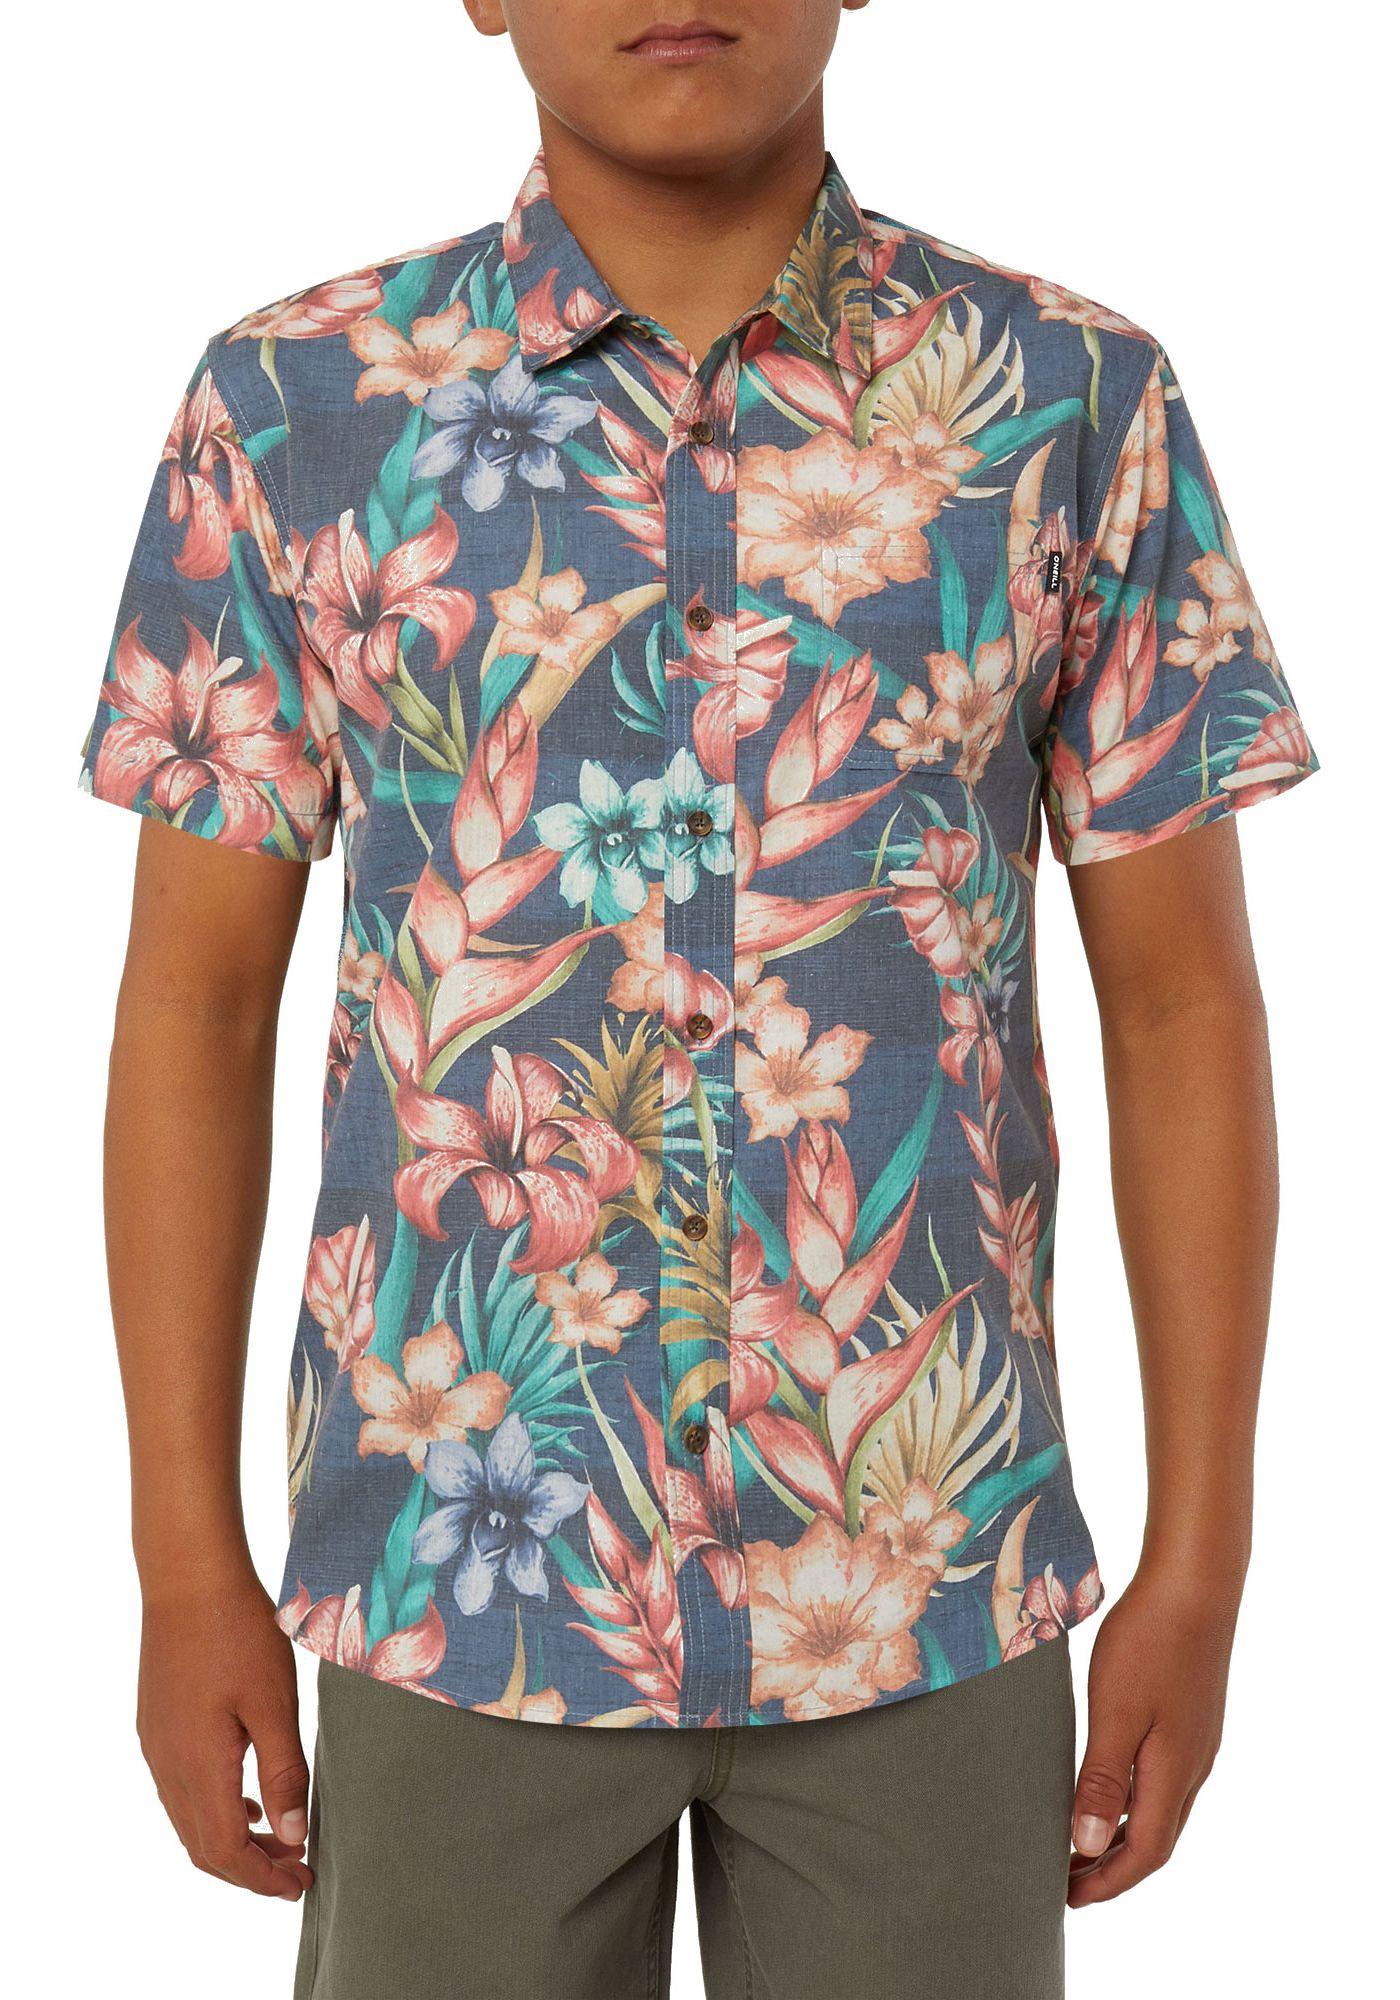 O'Neill Boys' Blissful Short Sleeve Button Up Shirt